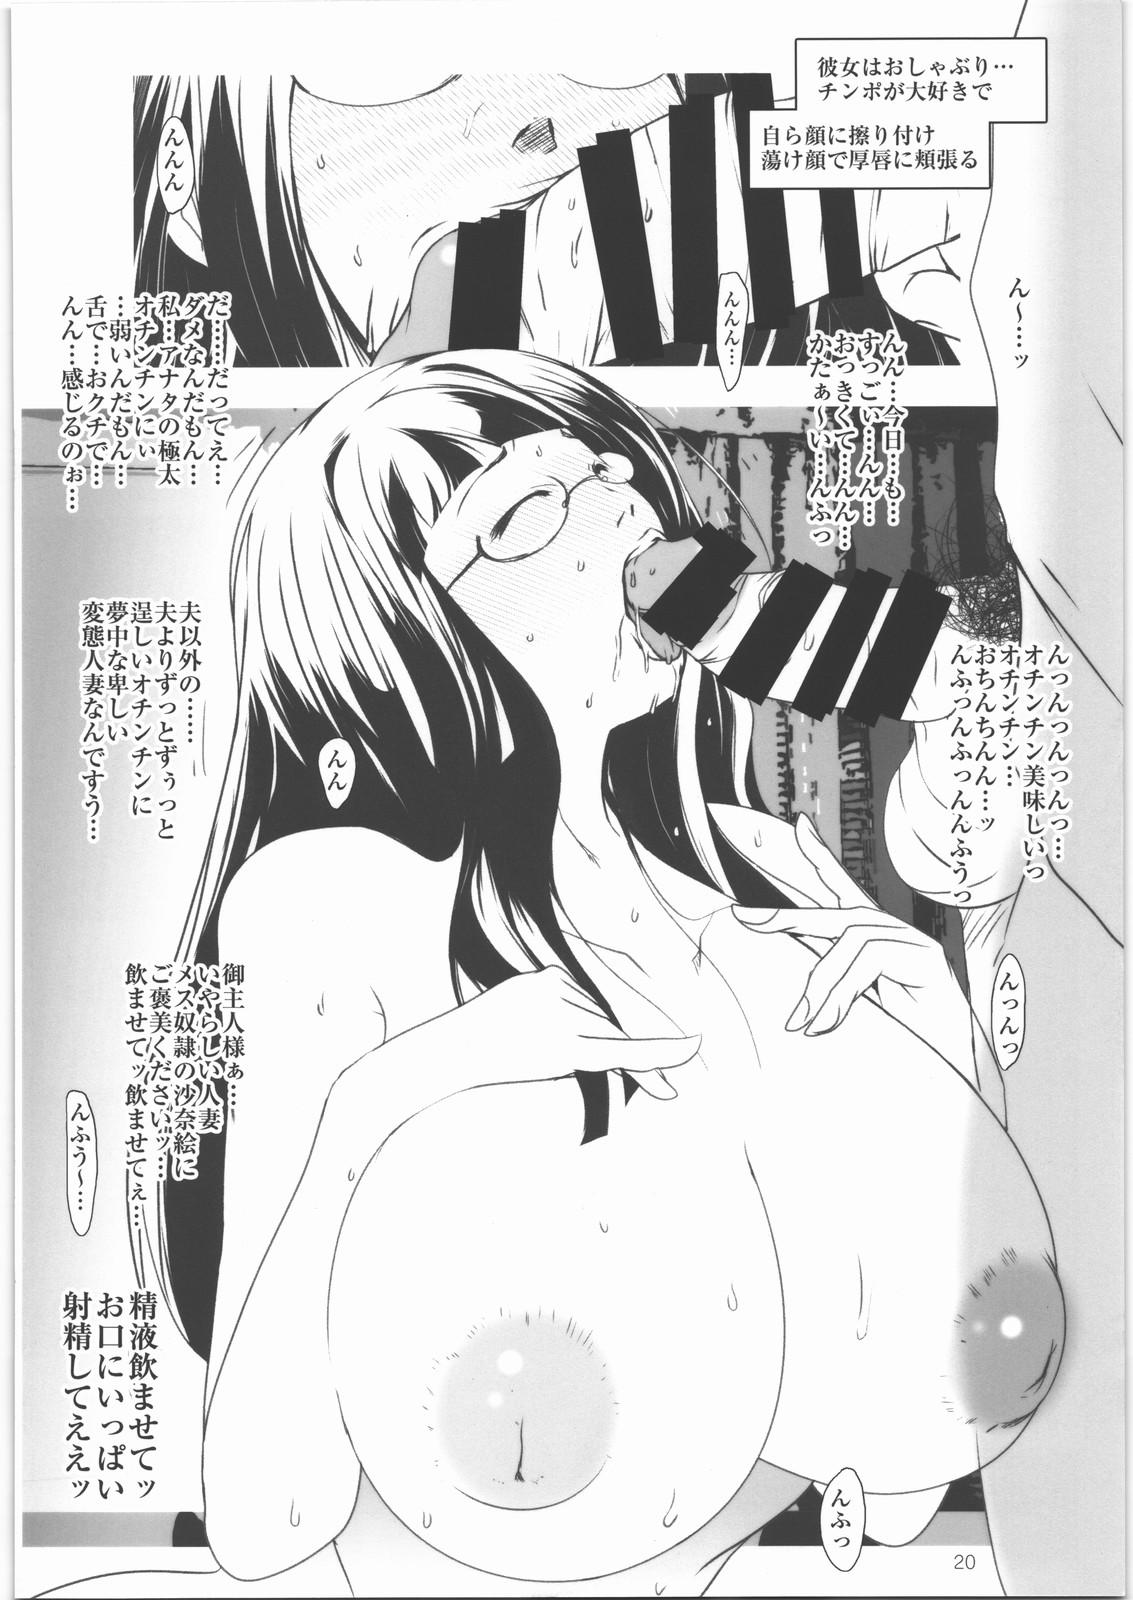 【エロ漫画・エロ同人誌】巨乳人妻から巨乳女子校生までエッチなセフレとのセックスをどぞwwwwwwwwwwwwww (19)